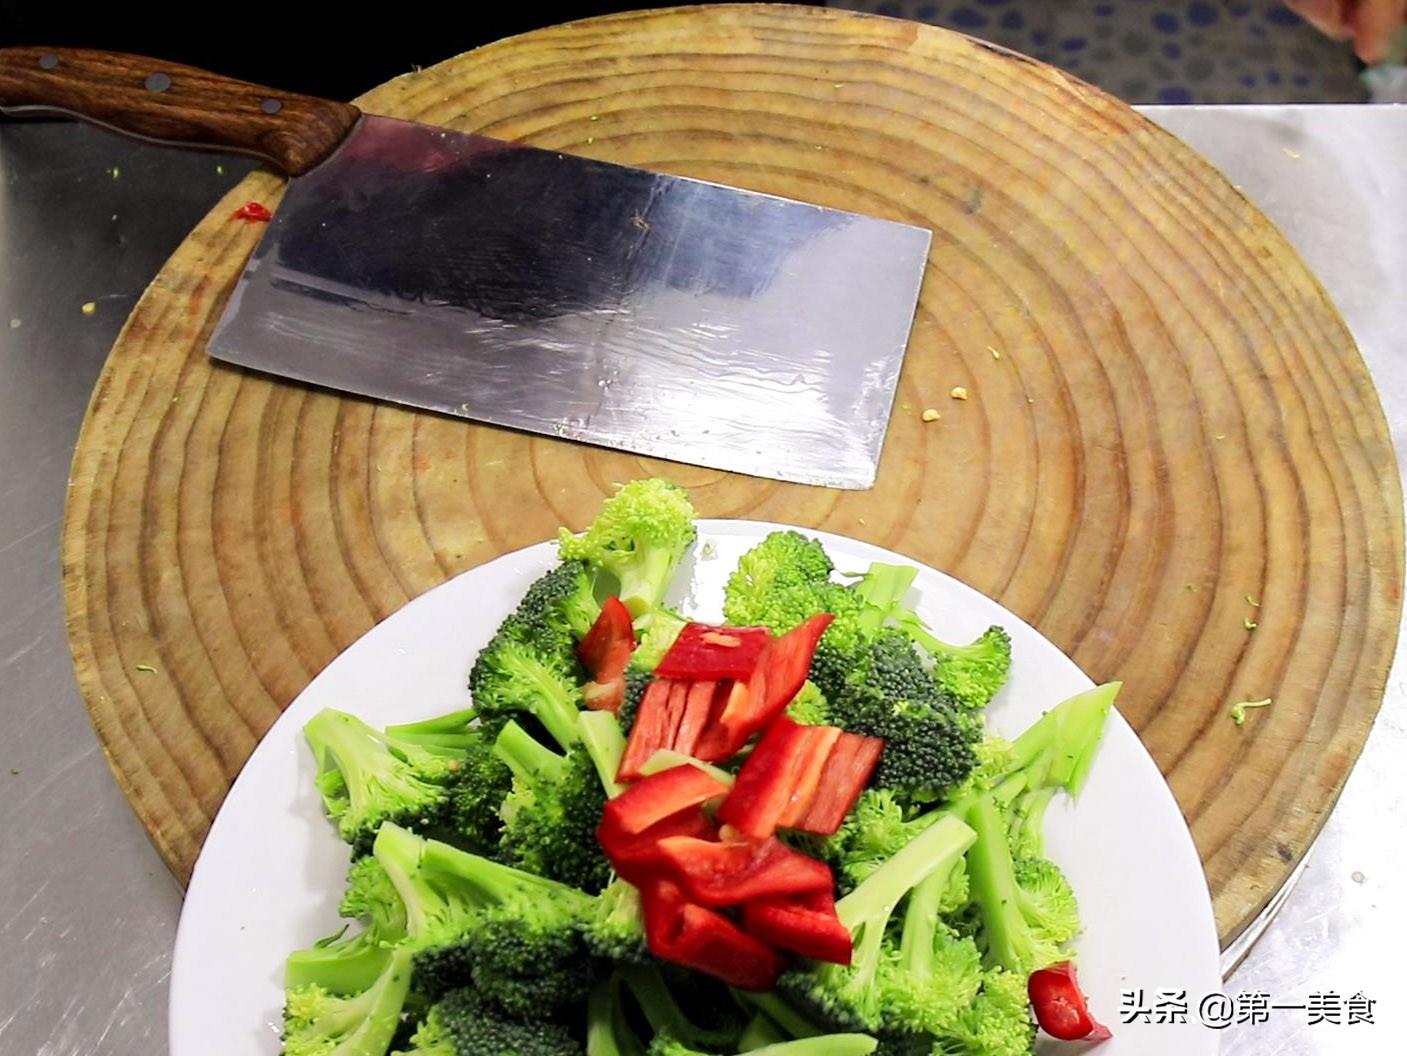 大厨教你做蒜蓉西兰花,保留西兰花原本味道,更入味更好吃